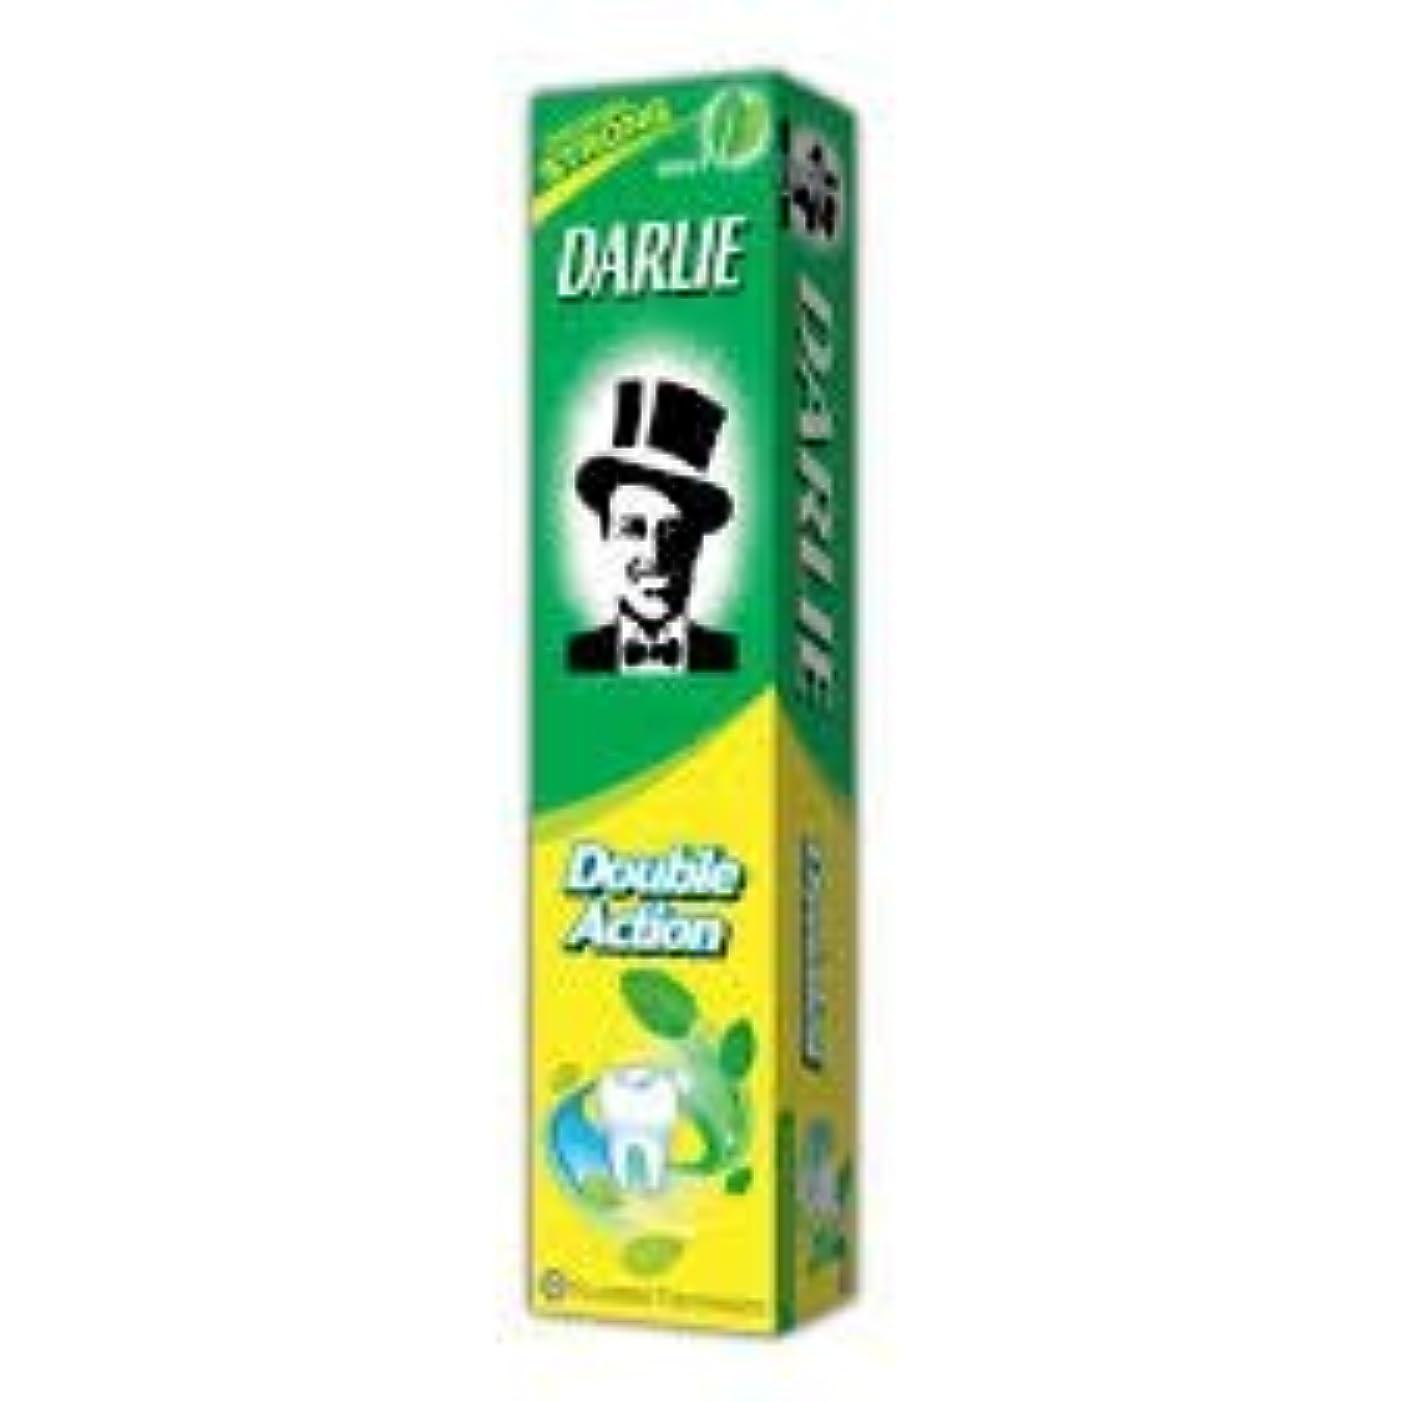 アリローマ人近傍DARLIE 歯磨き粉ジャンボ 250g-12 時間のためのより長く持続する新鮮な息を与える-効果的に経口細菌を減少させます